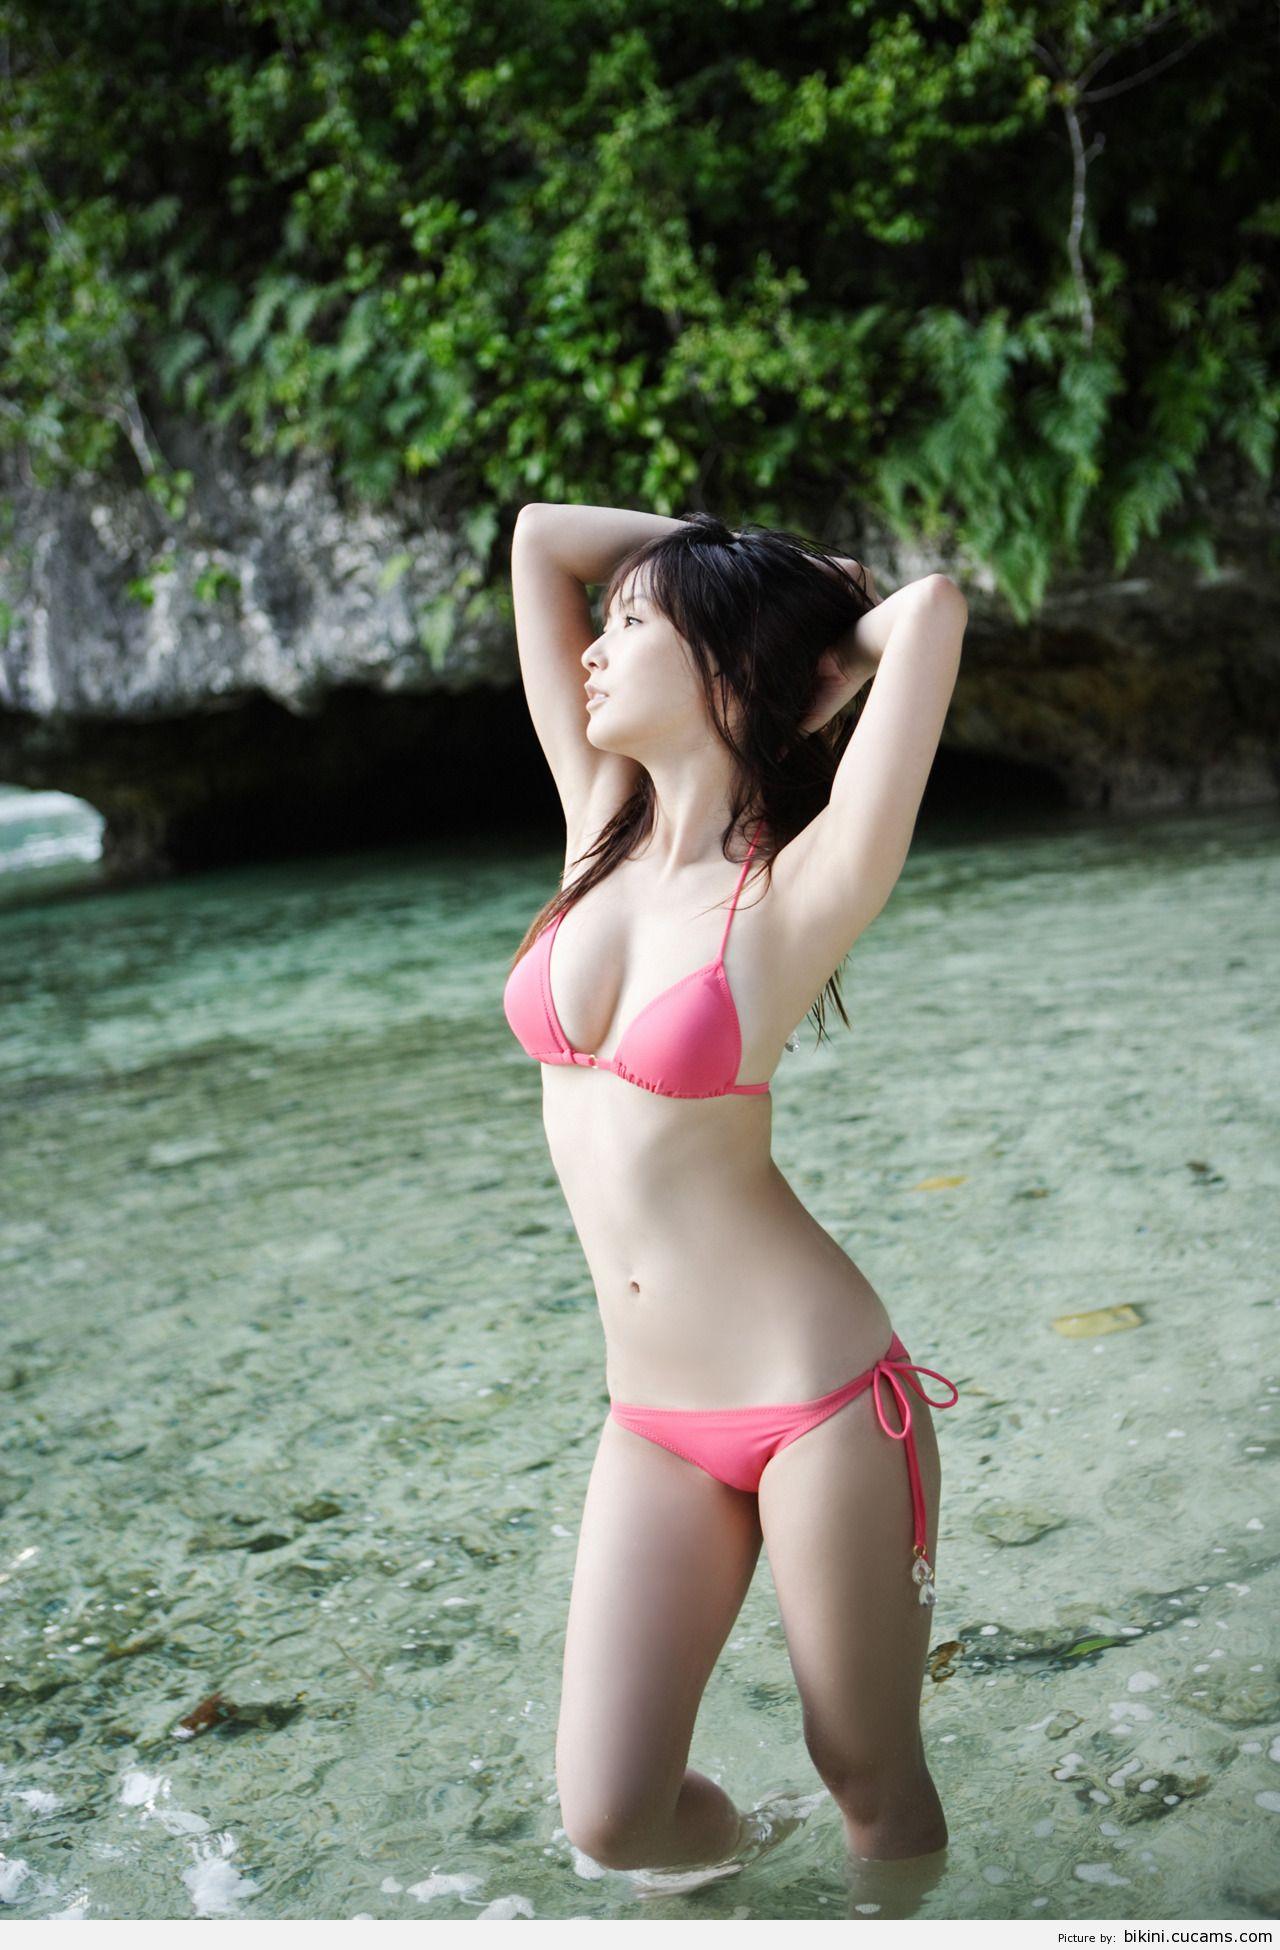 Bikini Bisexual Kissing by bikini.cucams.com